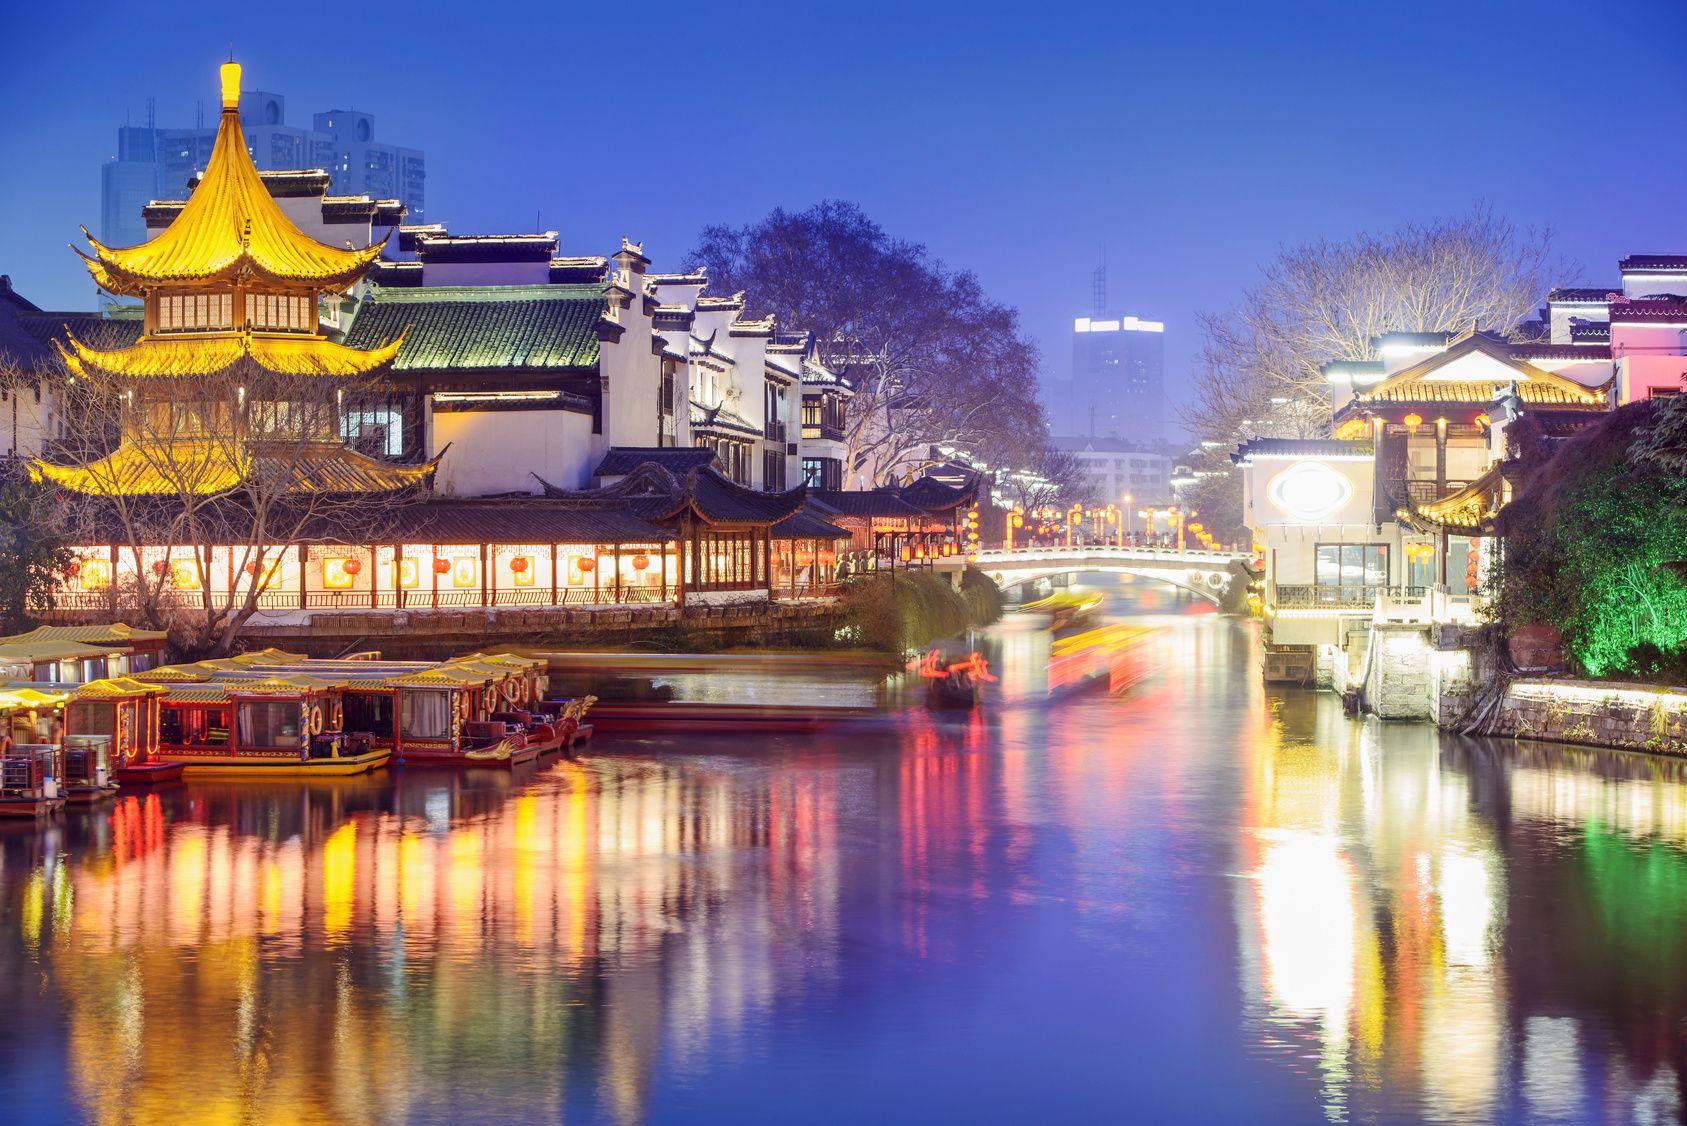 香港市場は不安定な展開か、引き続き米中貿易摩擦が不透明要因